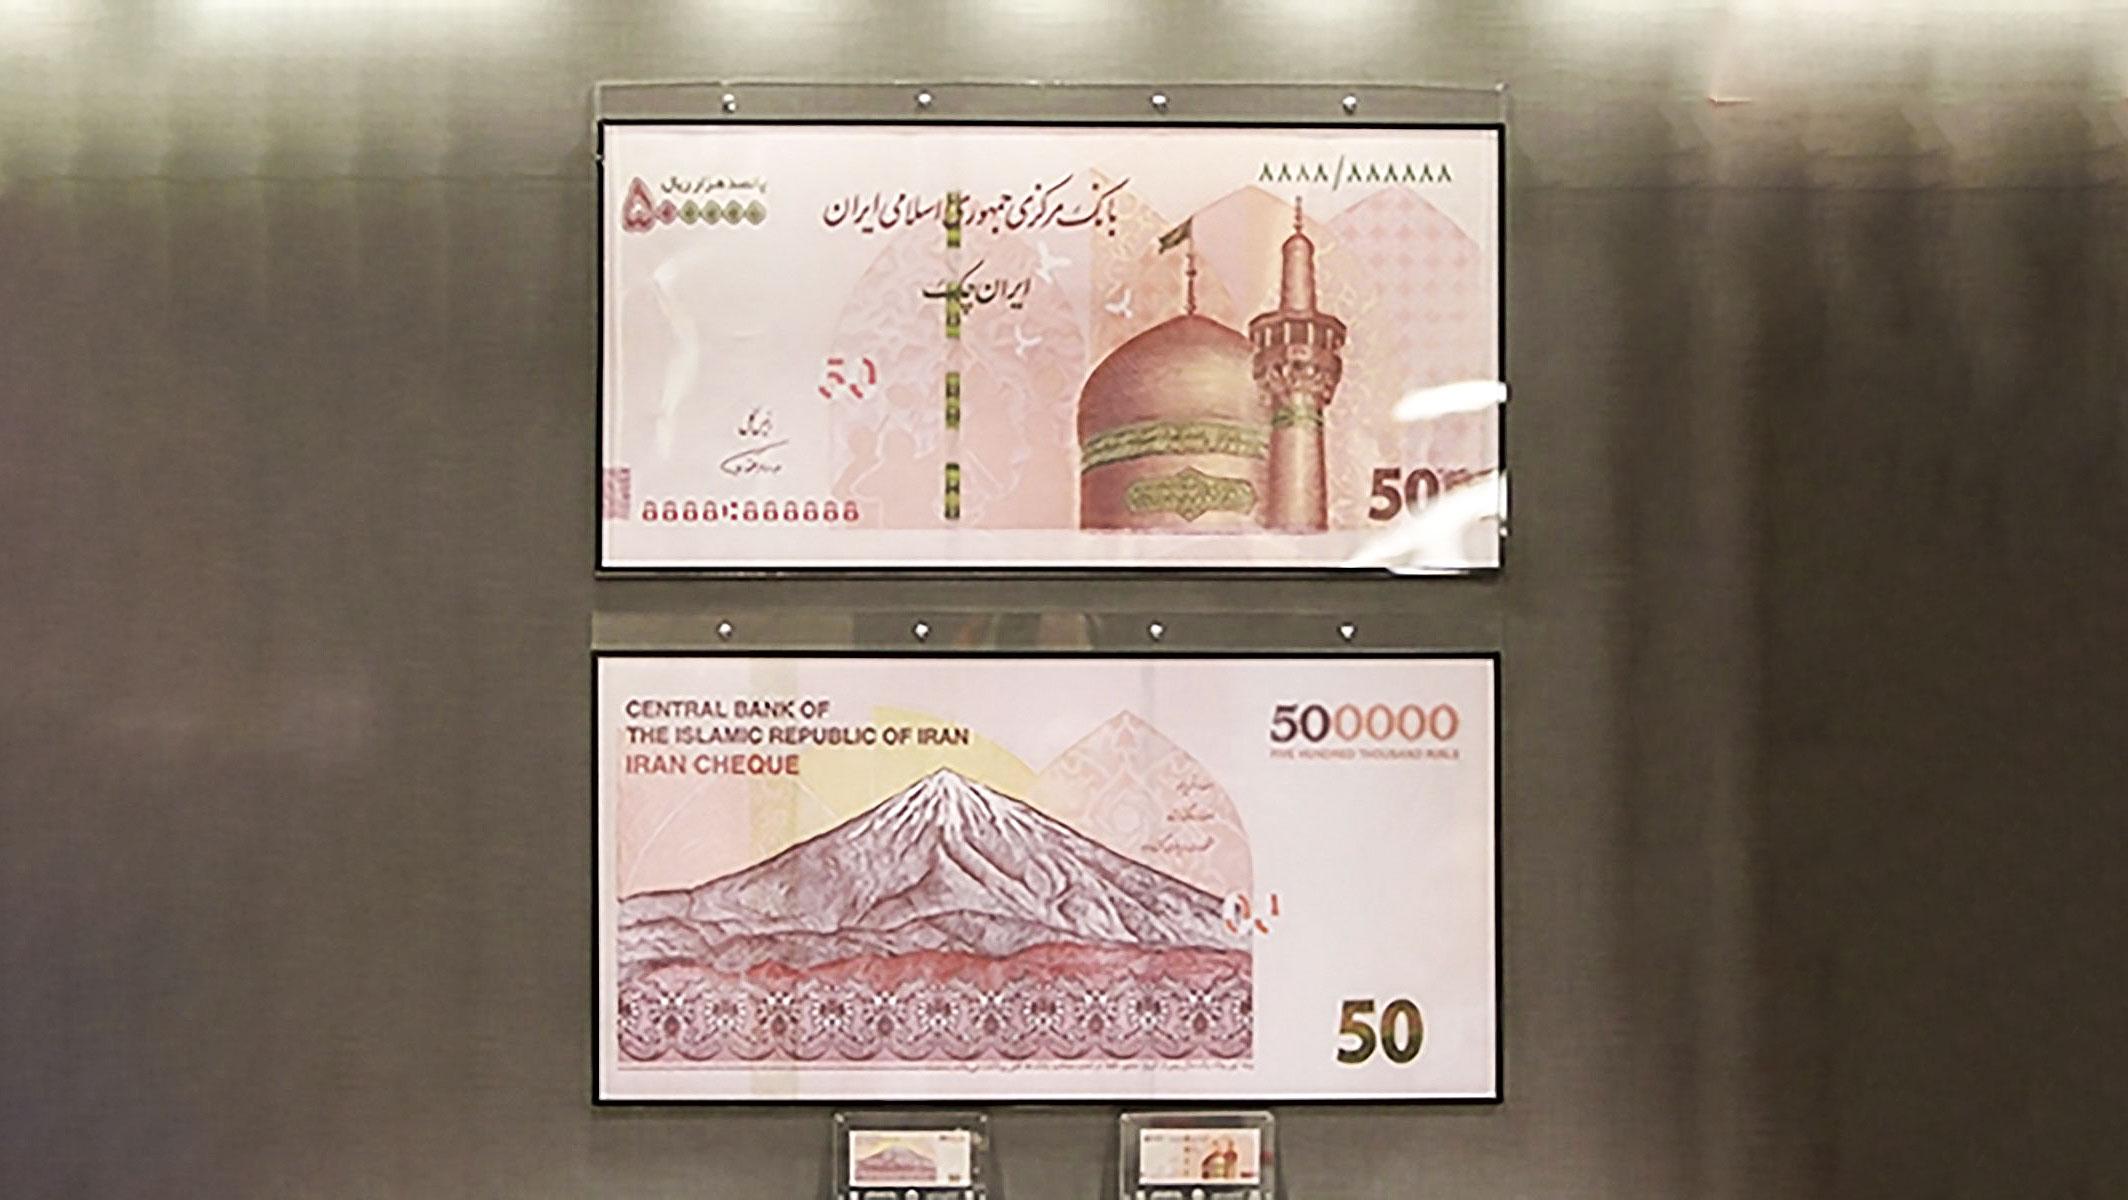 ایران چک ۵۰ هزارتومانی جدید با فناوری چاپ اسکناس یورو رونمایی شد